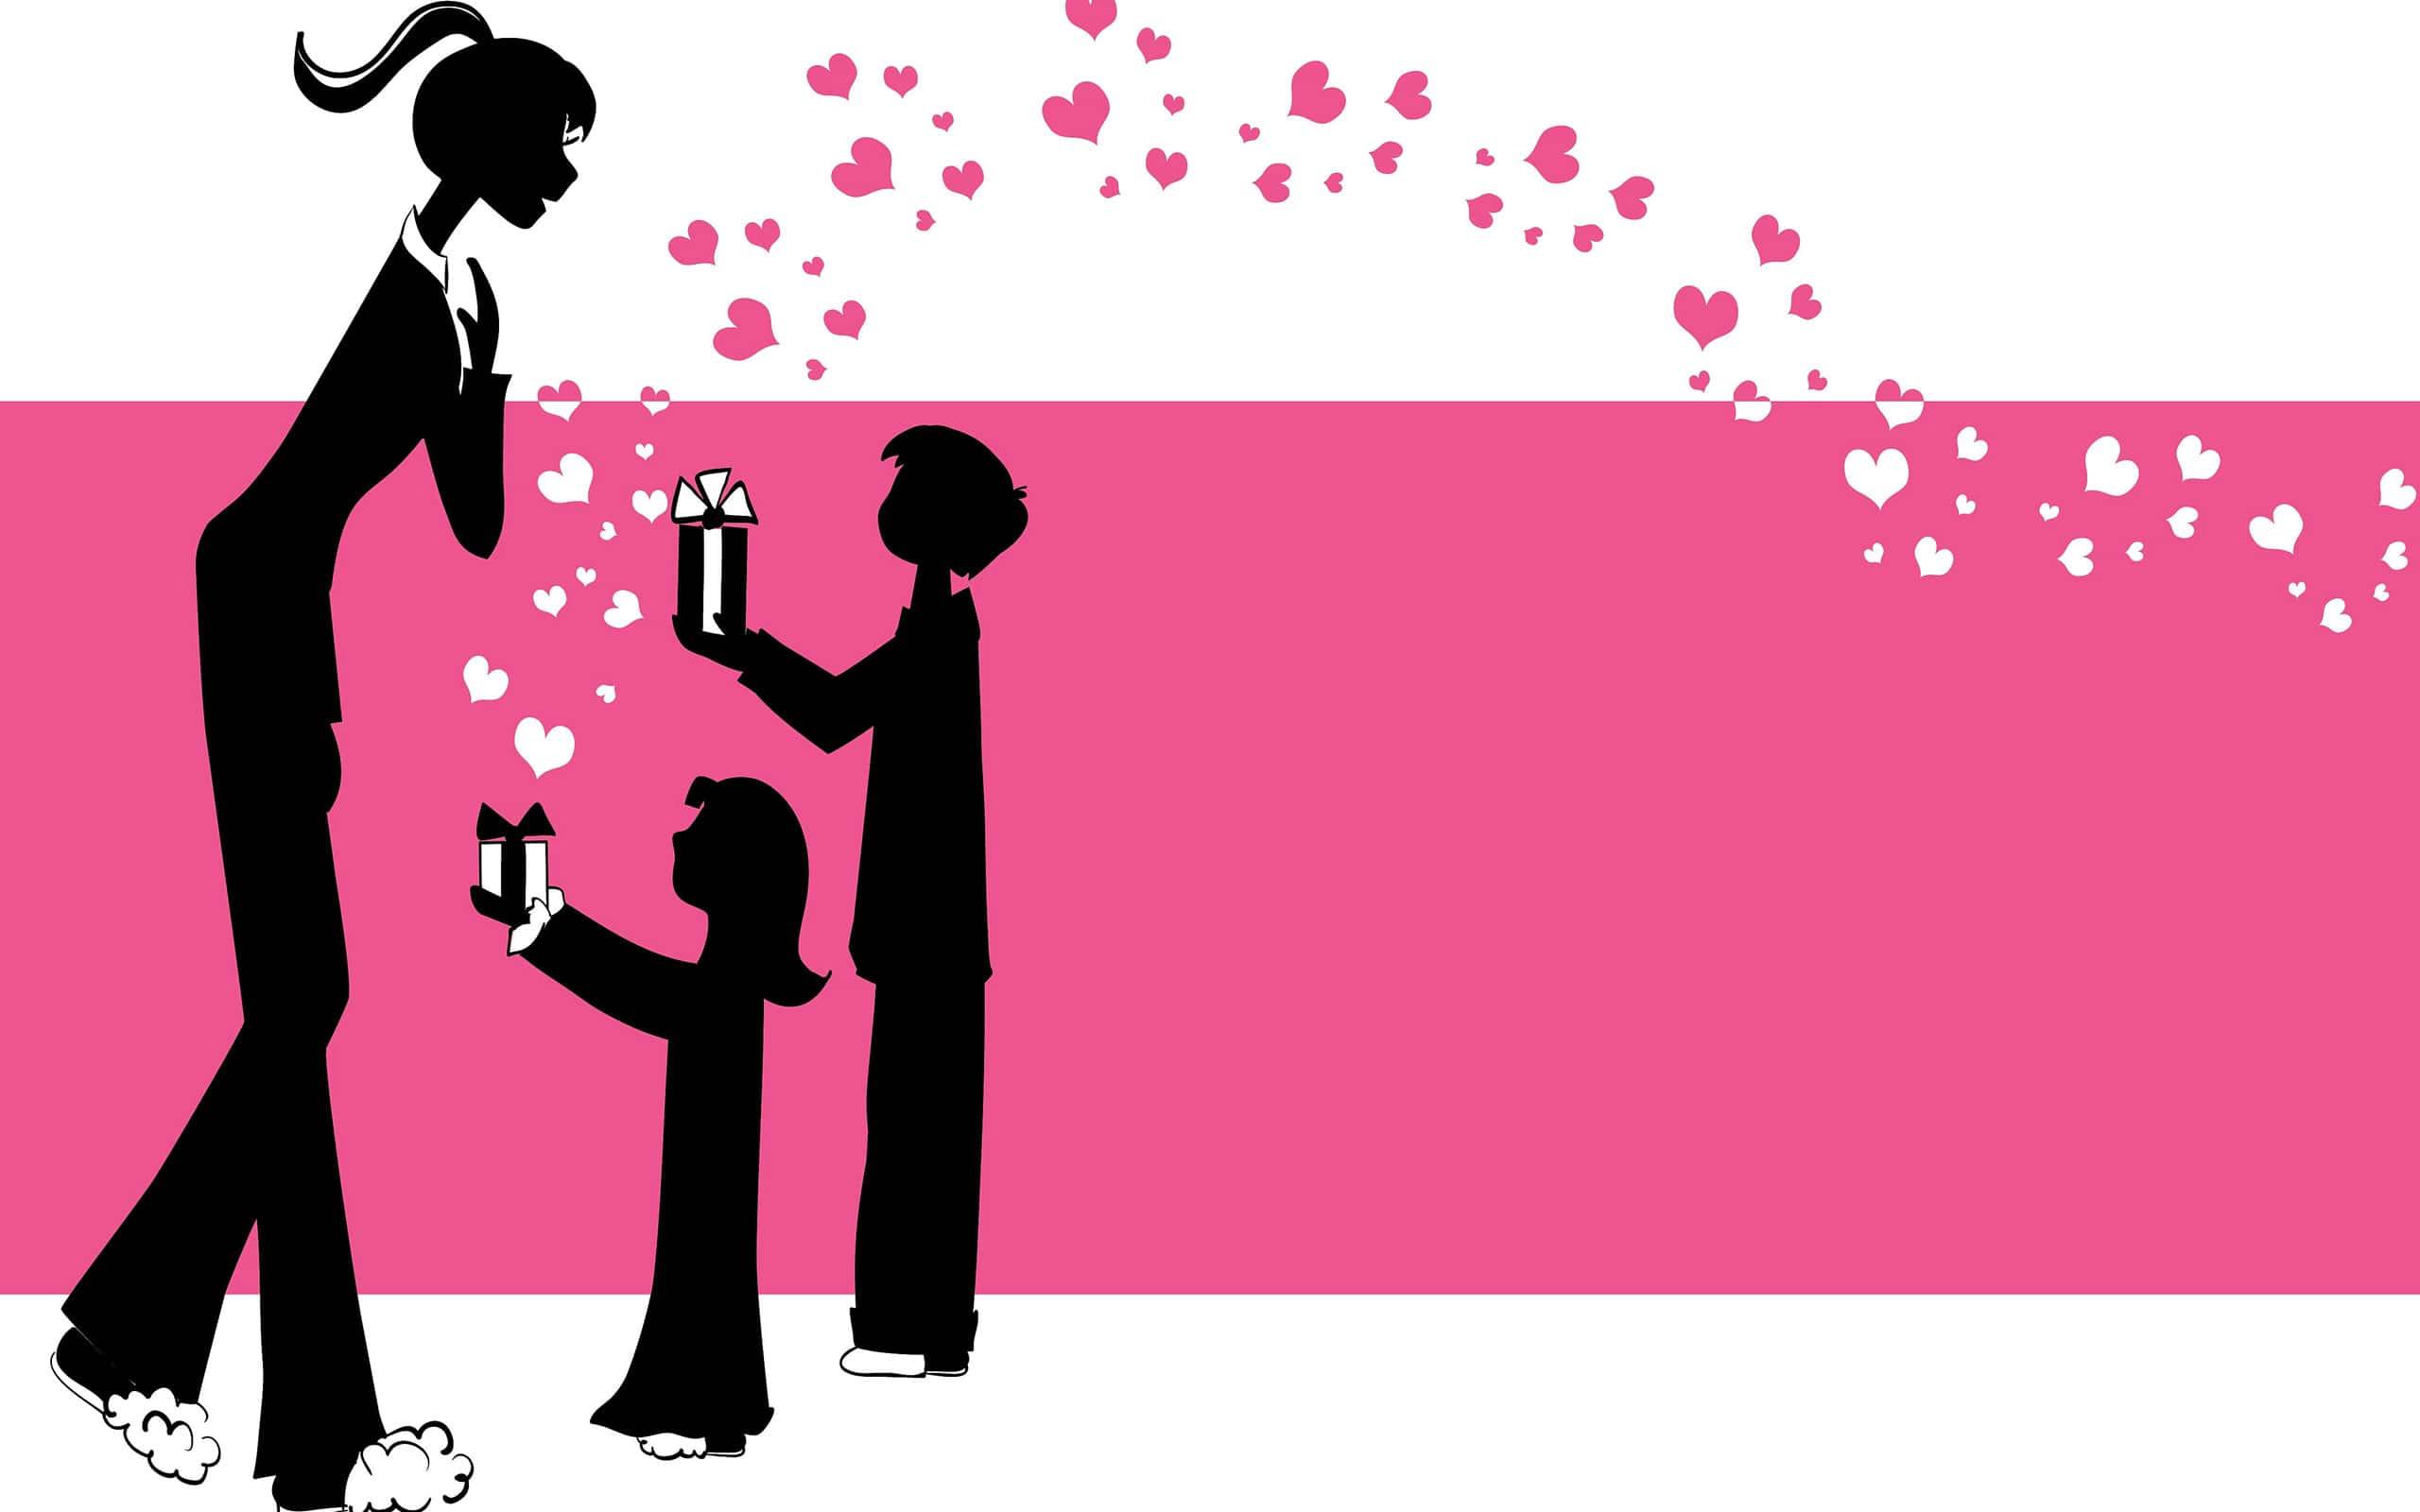 Maternal Facts About Motherhood